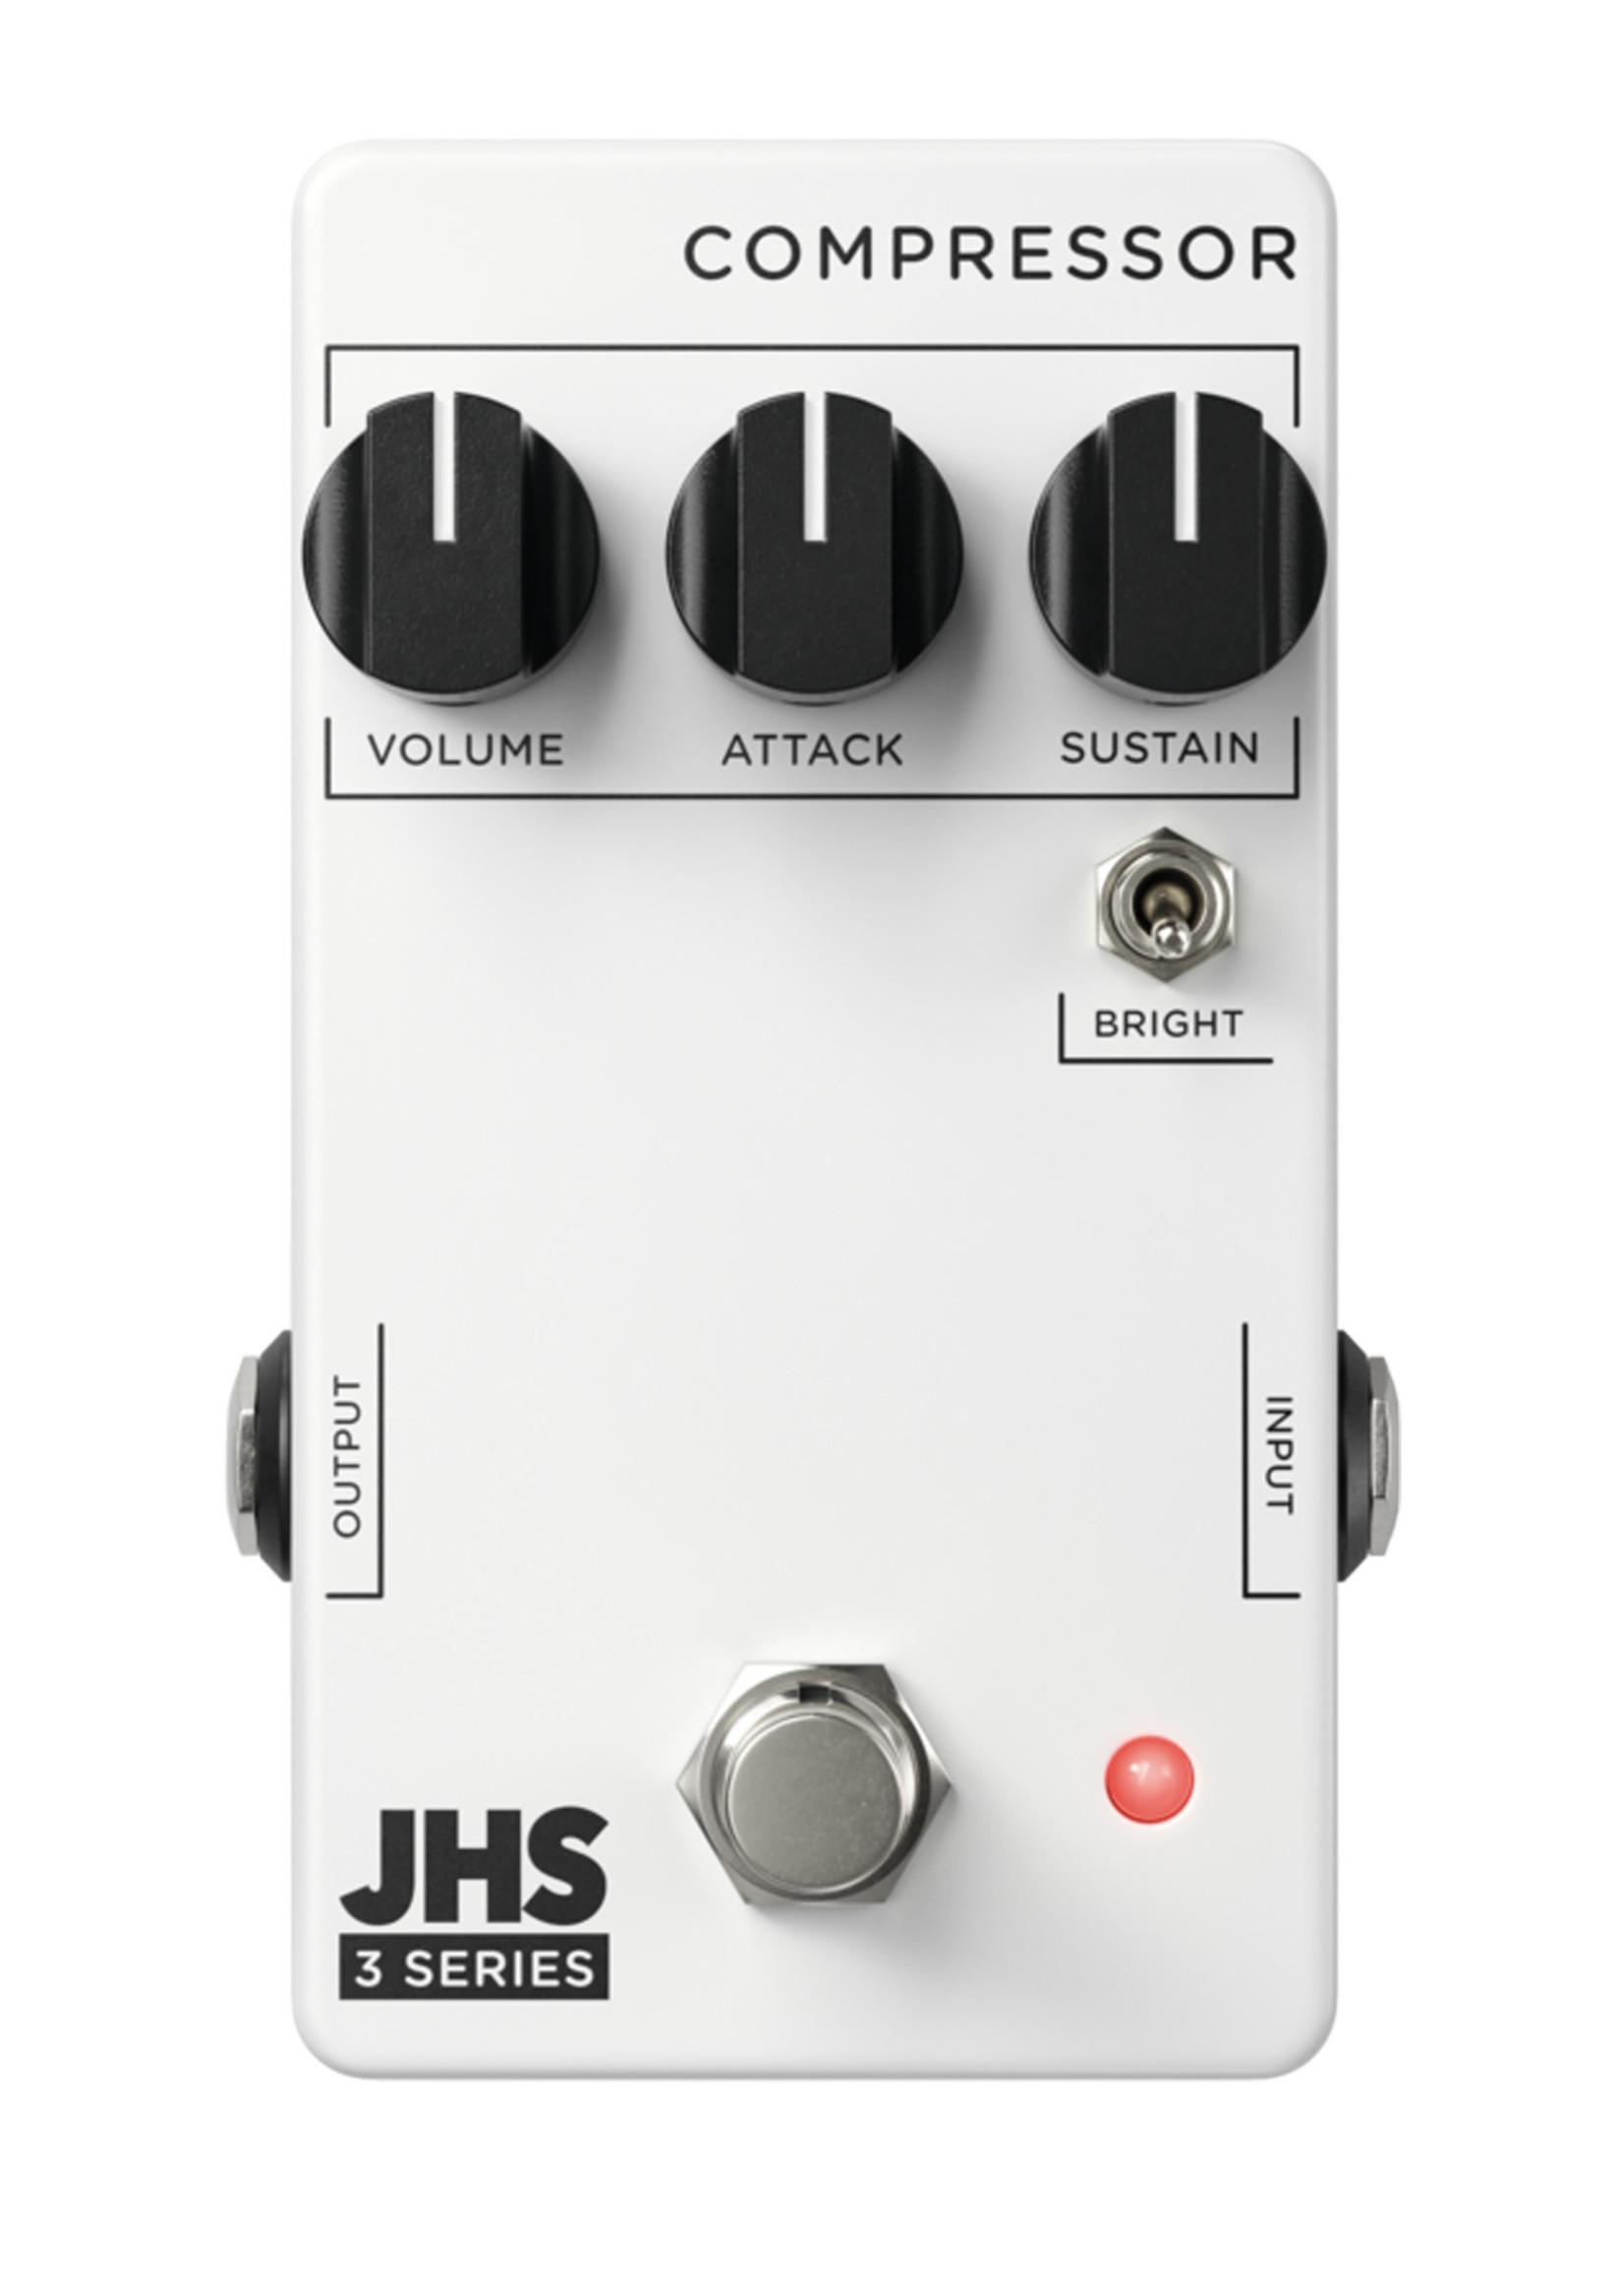 JHS JHS 3 Series Compressor